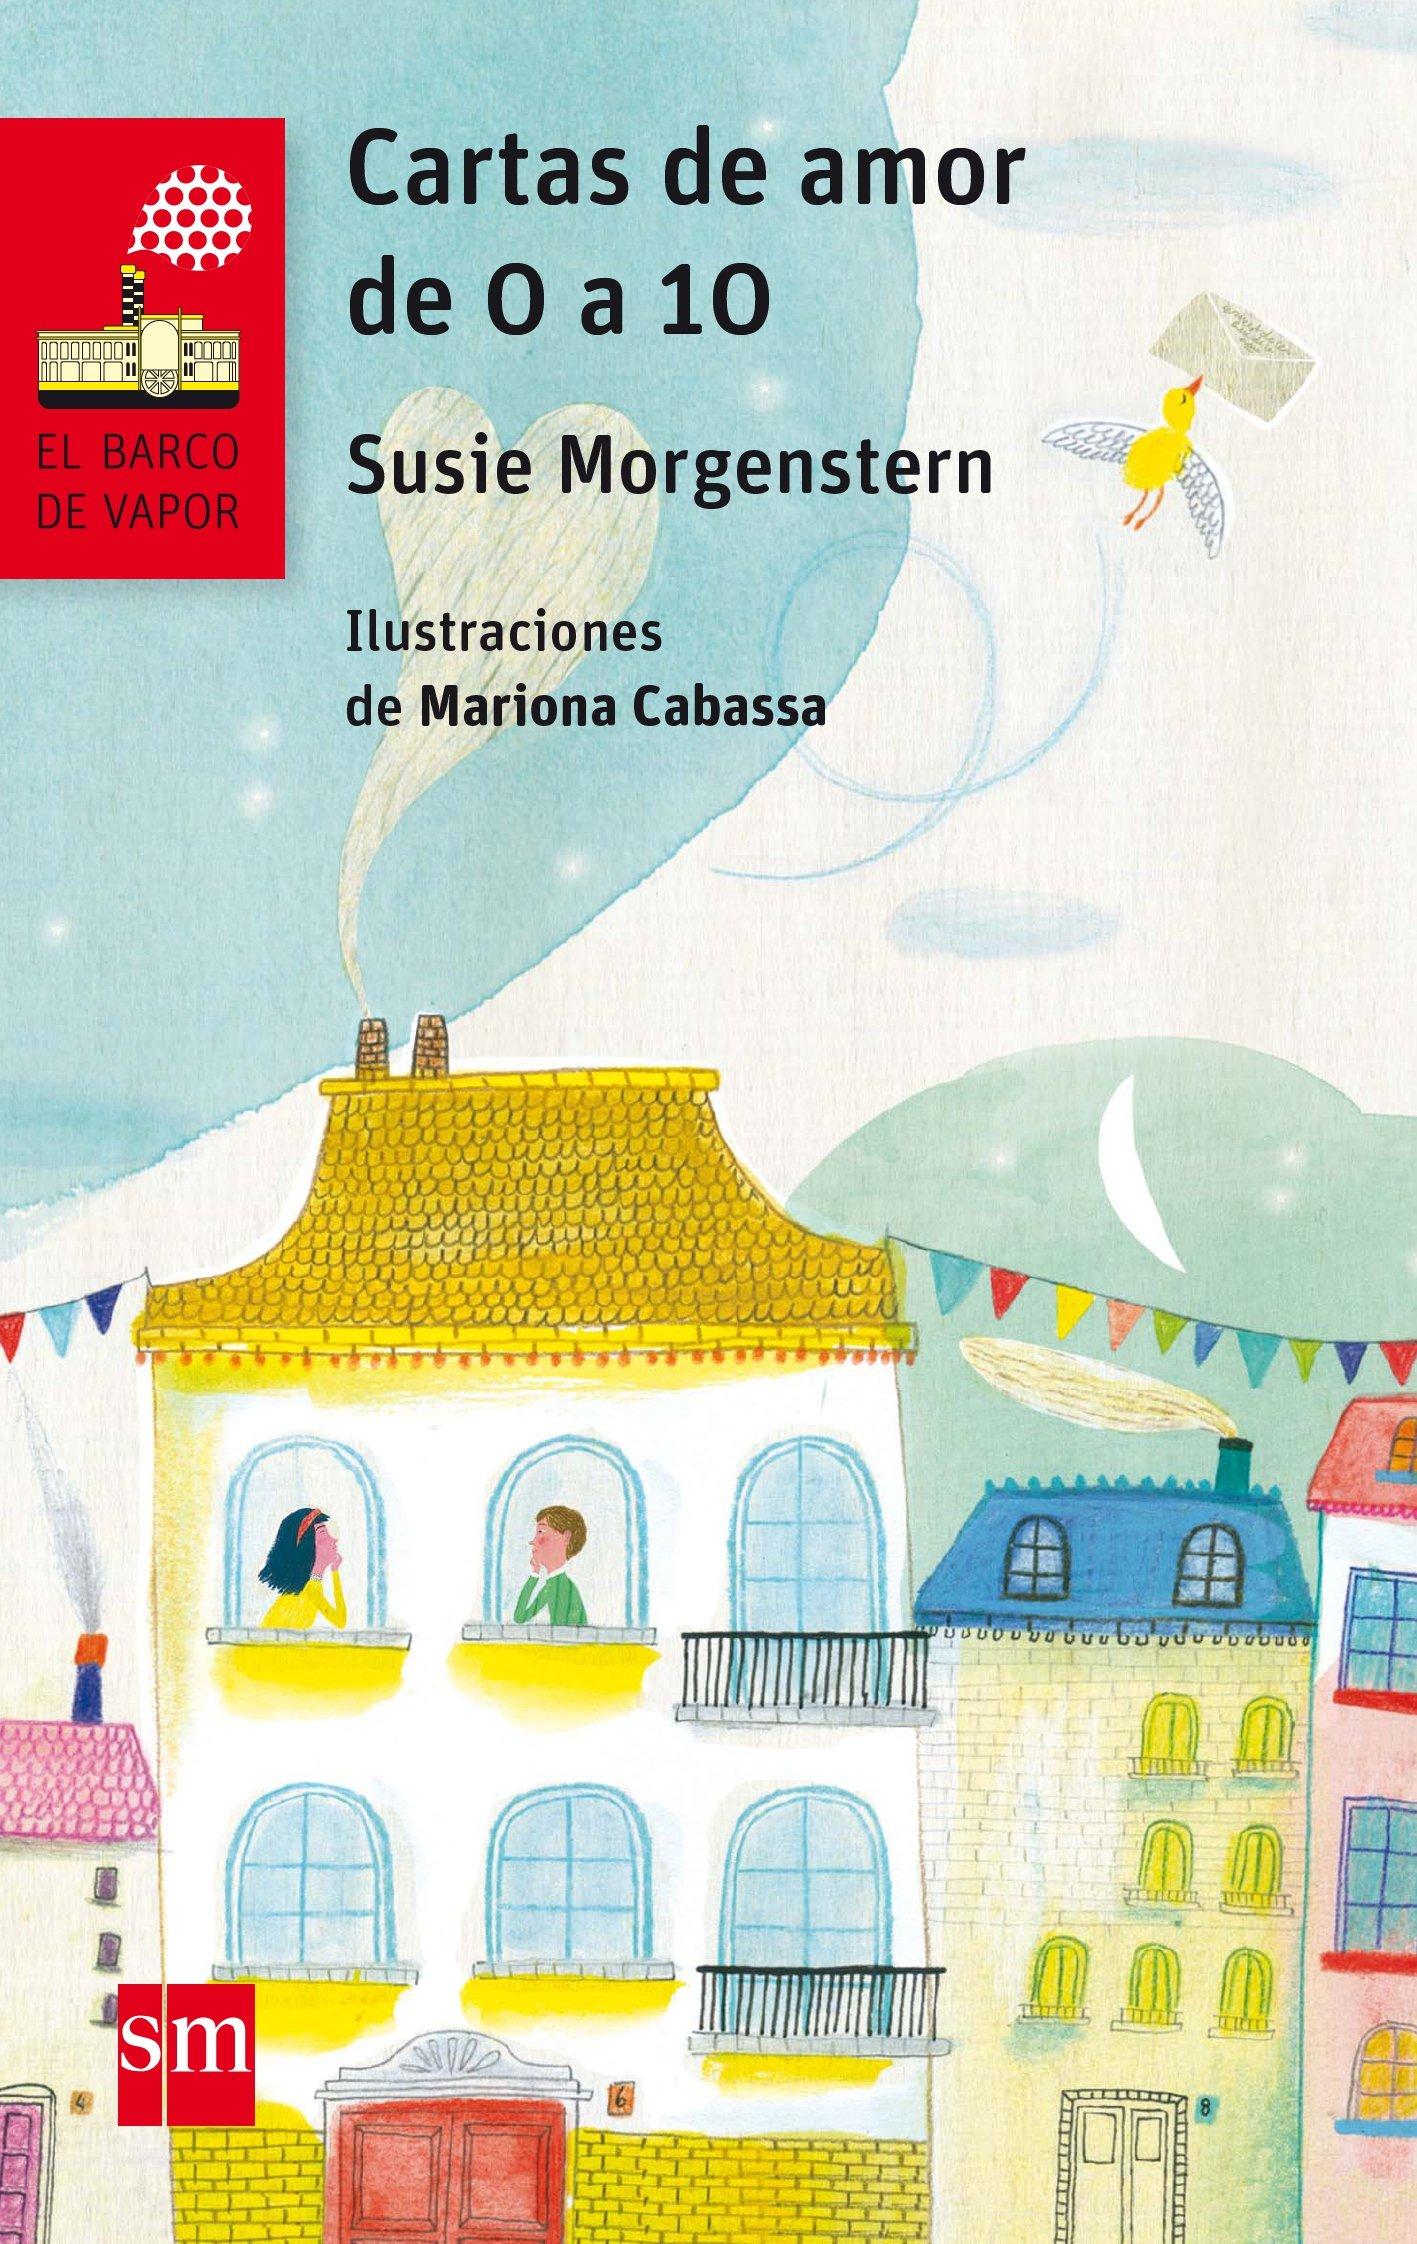 Cartas de amor de 0 a 10 (Barco de Vapor Roja): Amazon.es: Susie Morgenstern, Mariona Cabassa Cortés, Isabelle Marc Martínez: Libros